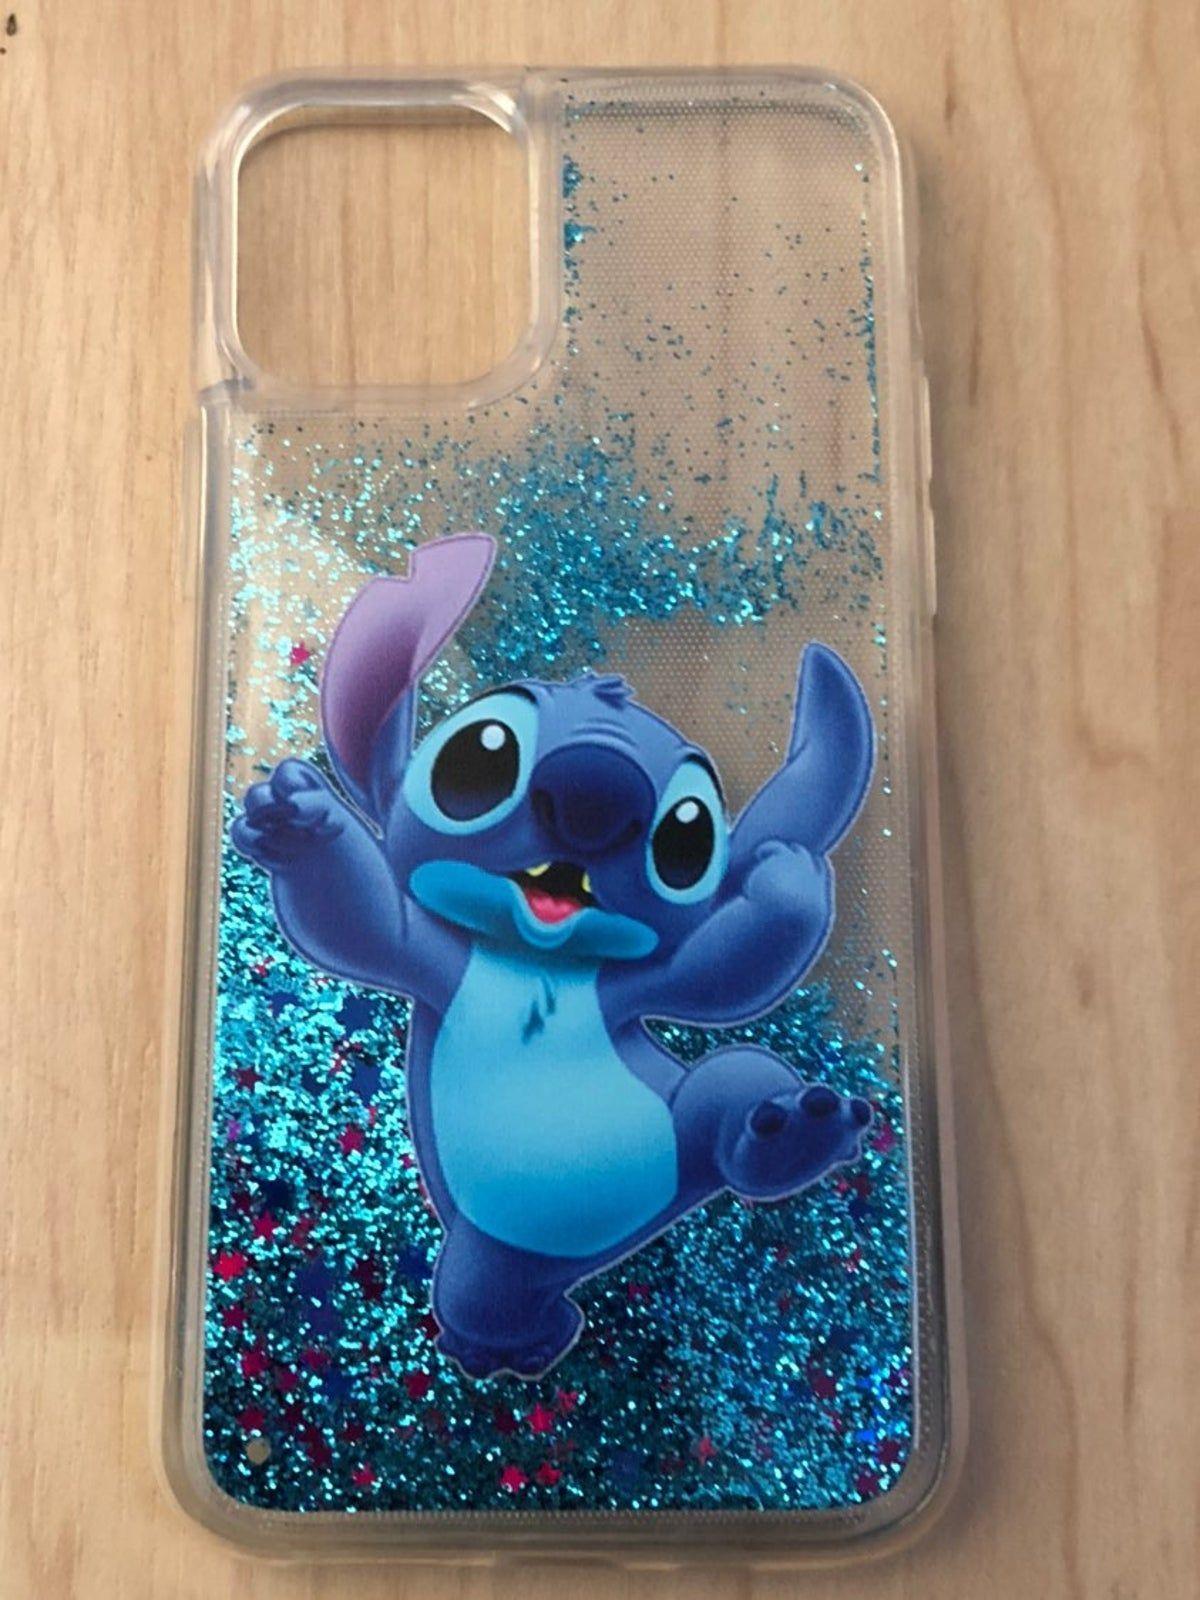 Stitch liquid case iPhone 11 Pro Max   Étuis iphone disney, Étui ...